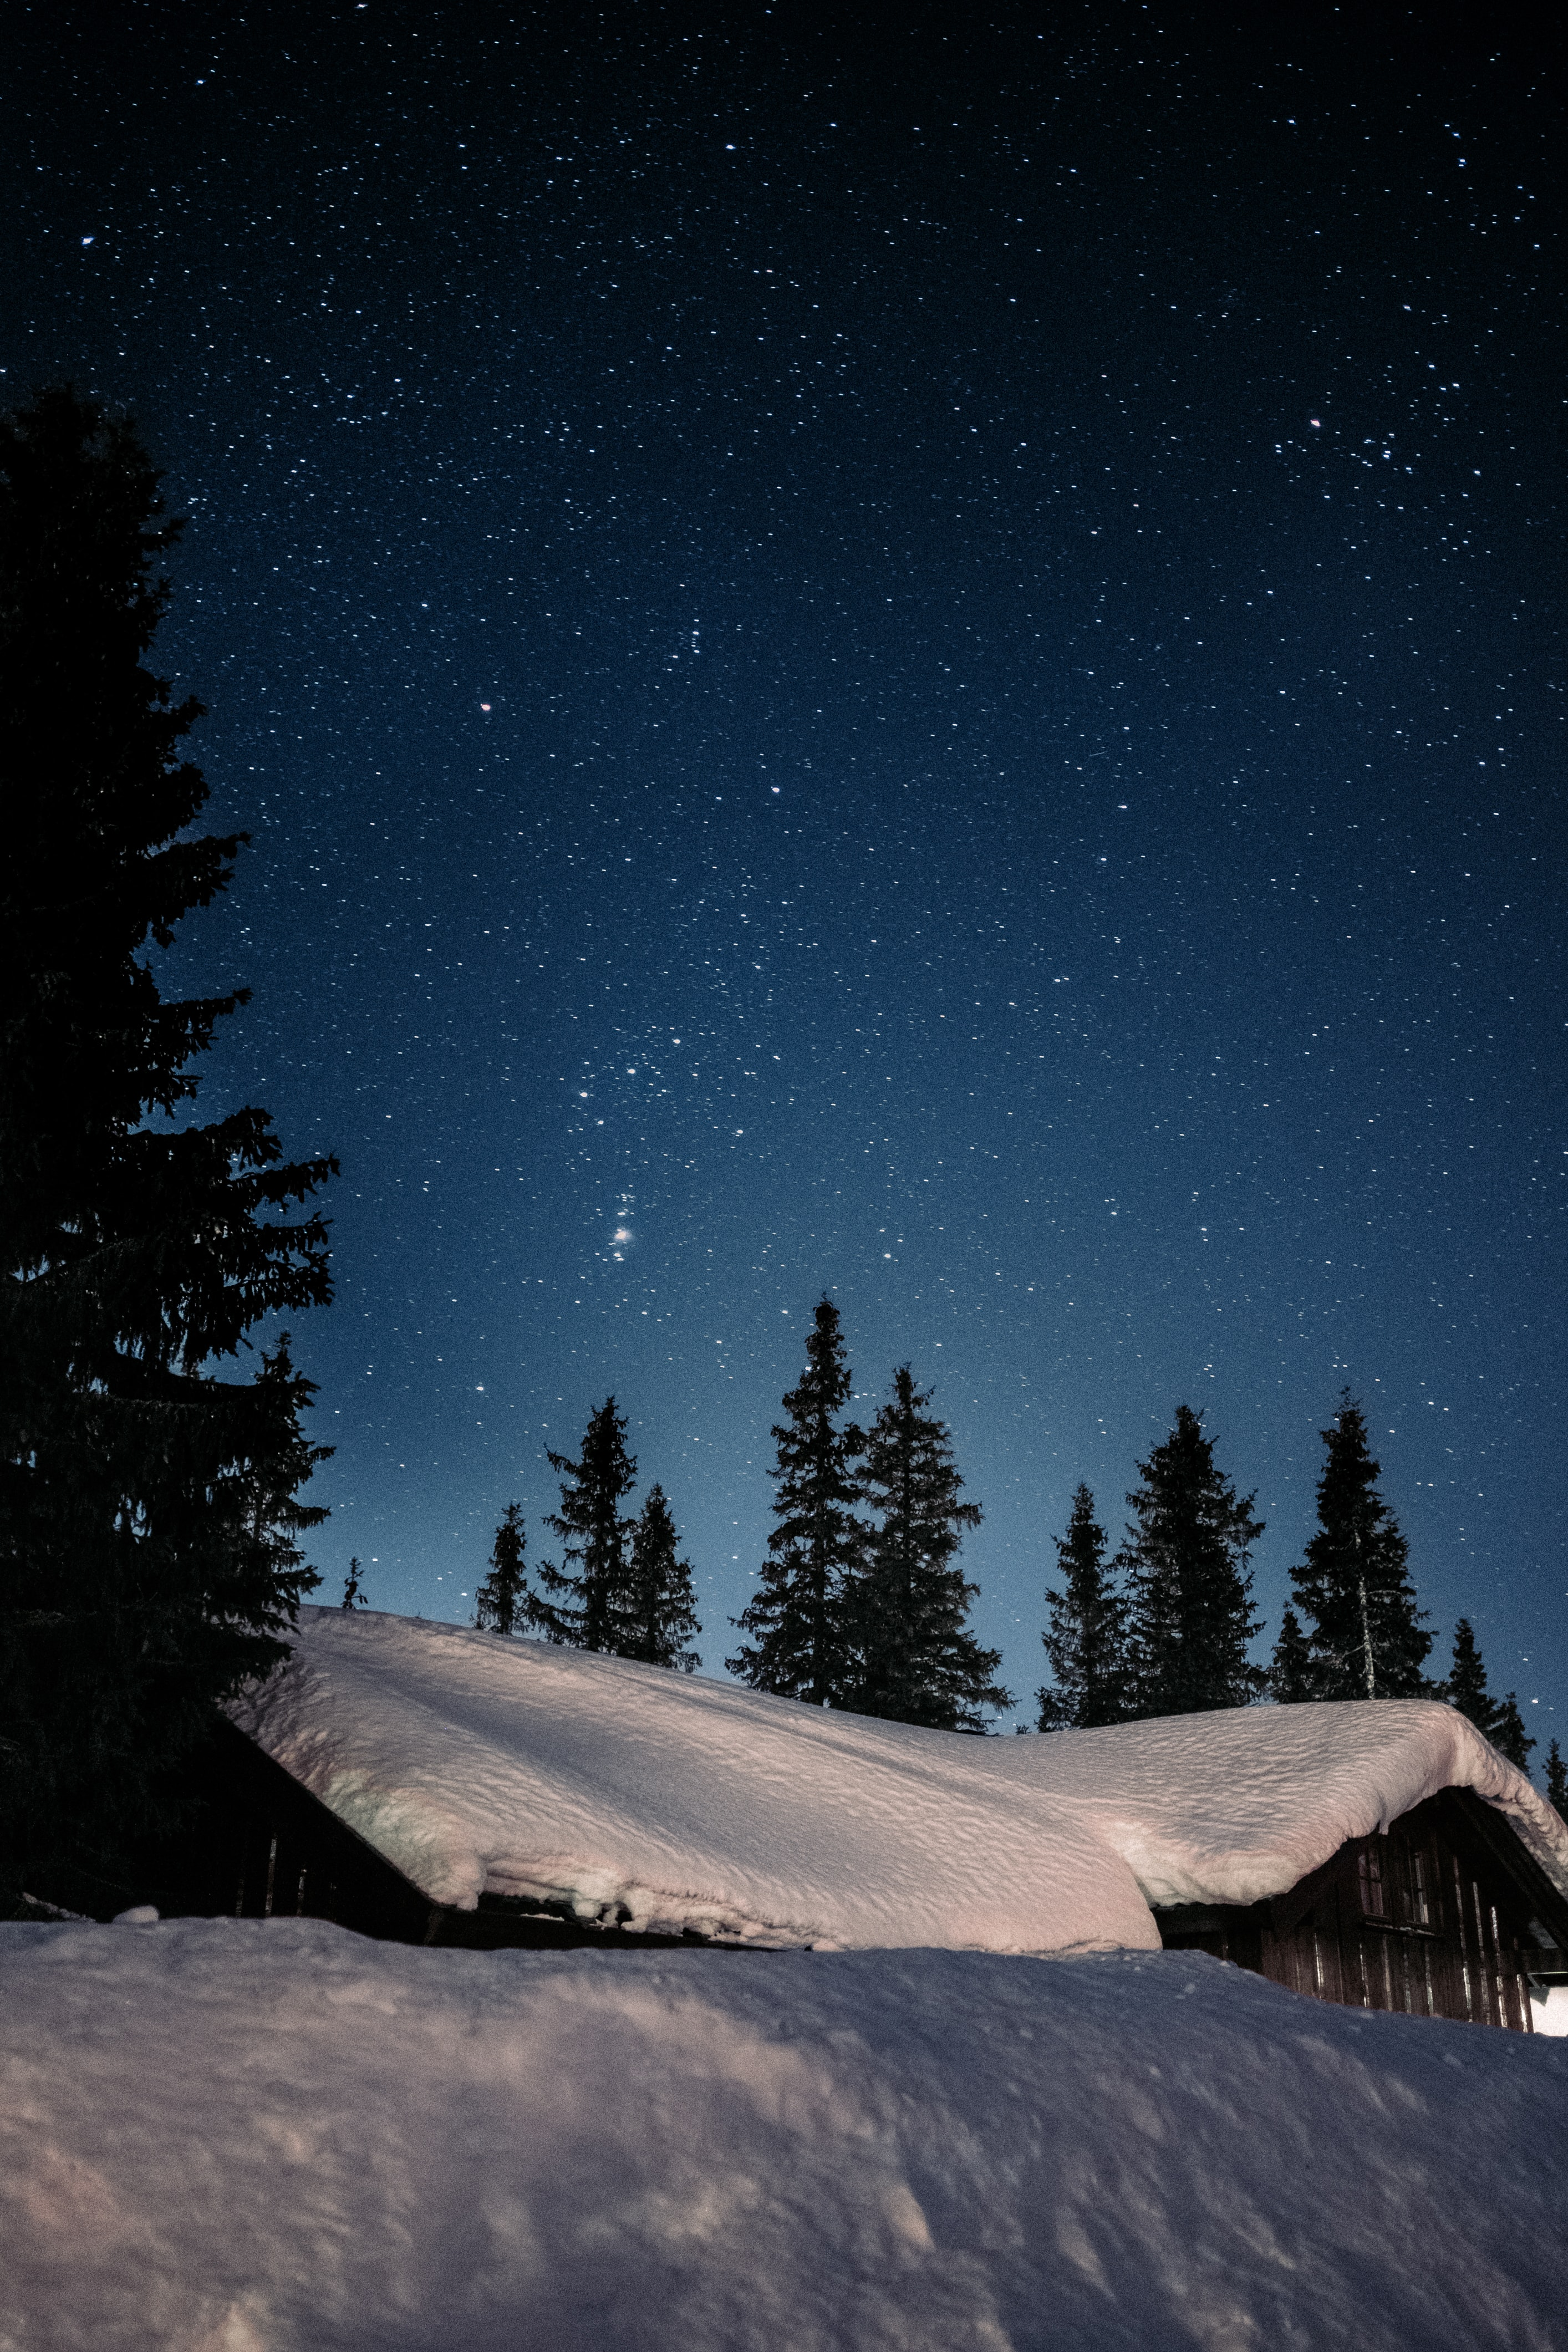 134361 скачать обои Темные, Дом, Снег, Звездное Небо, Ночь, Зима, Звезды - заставки и картинки бесплатно